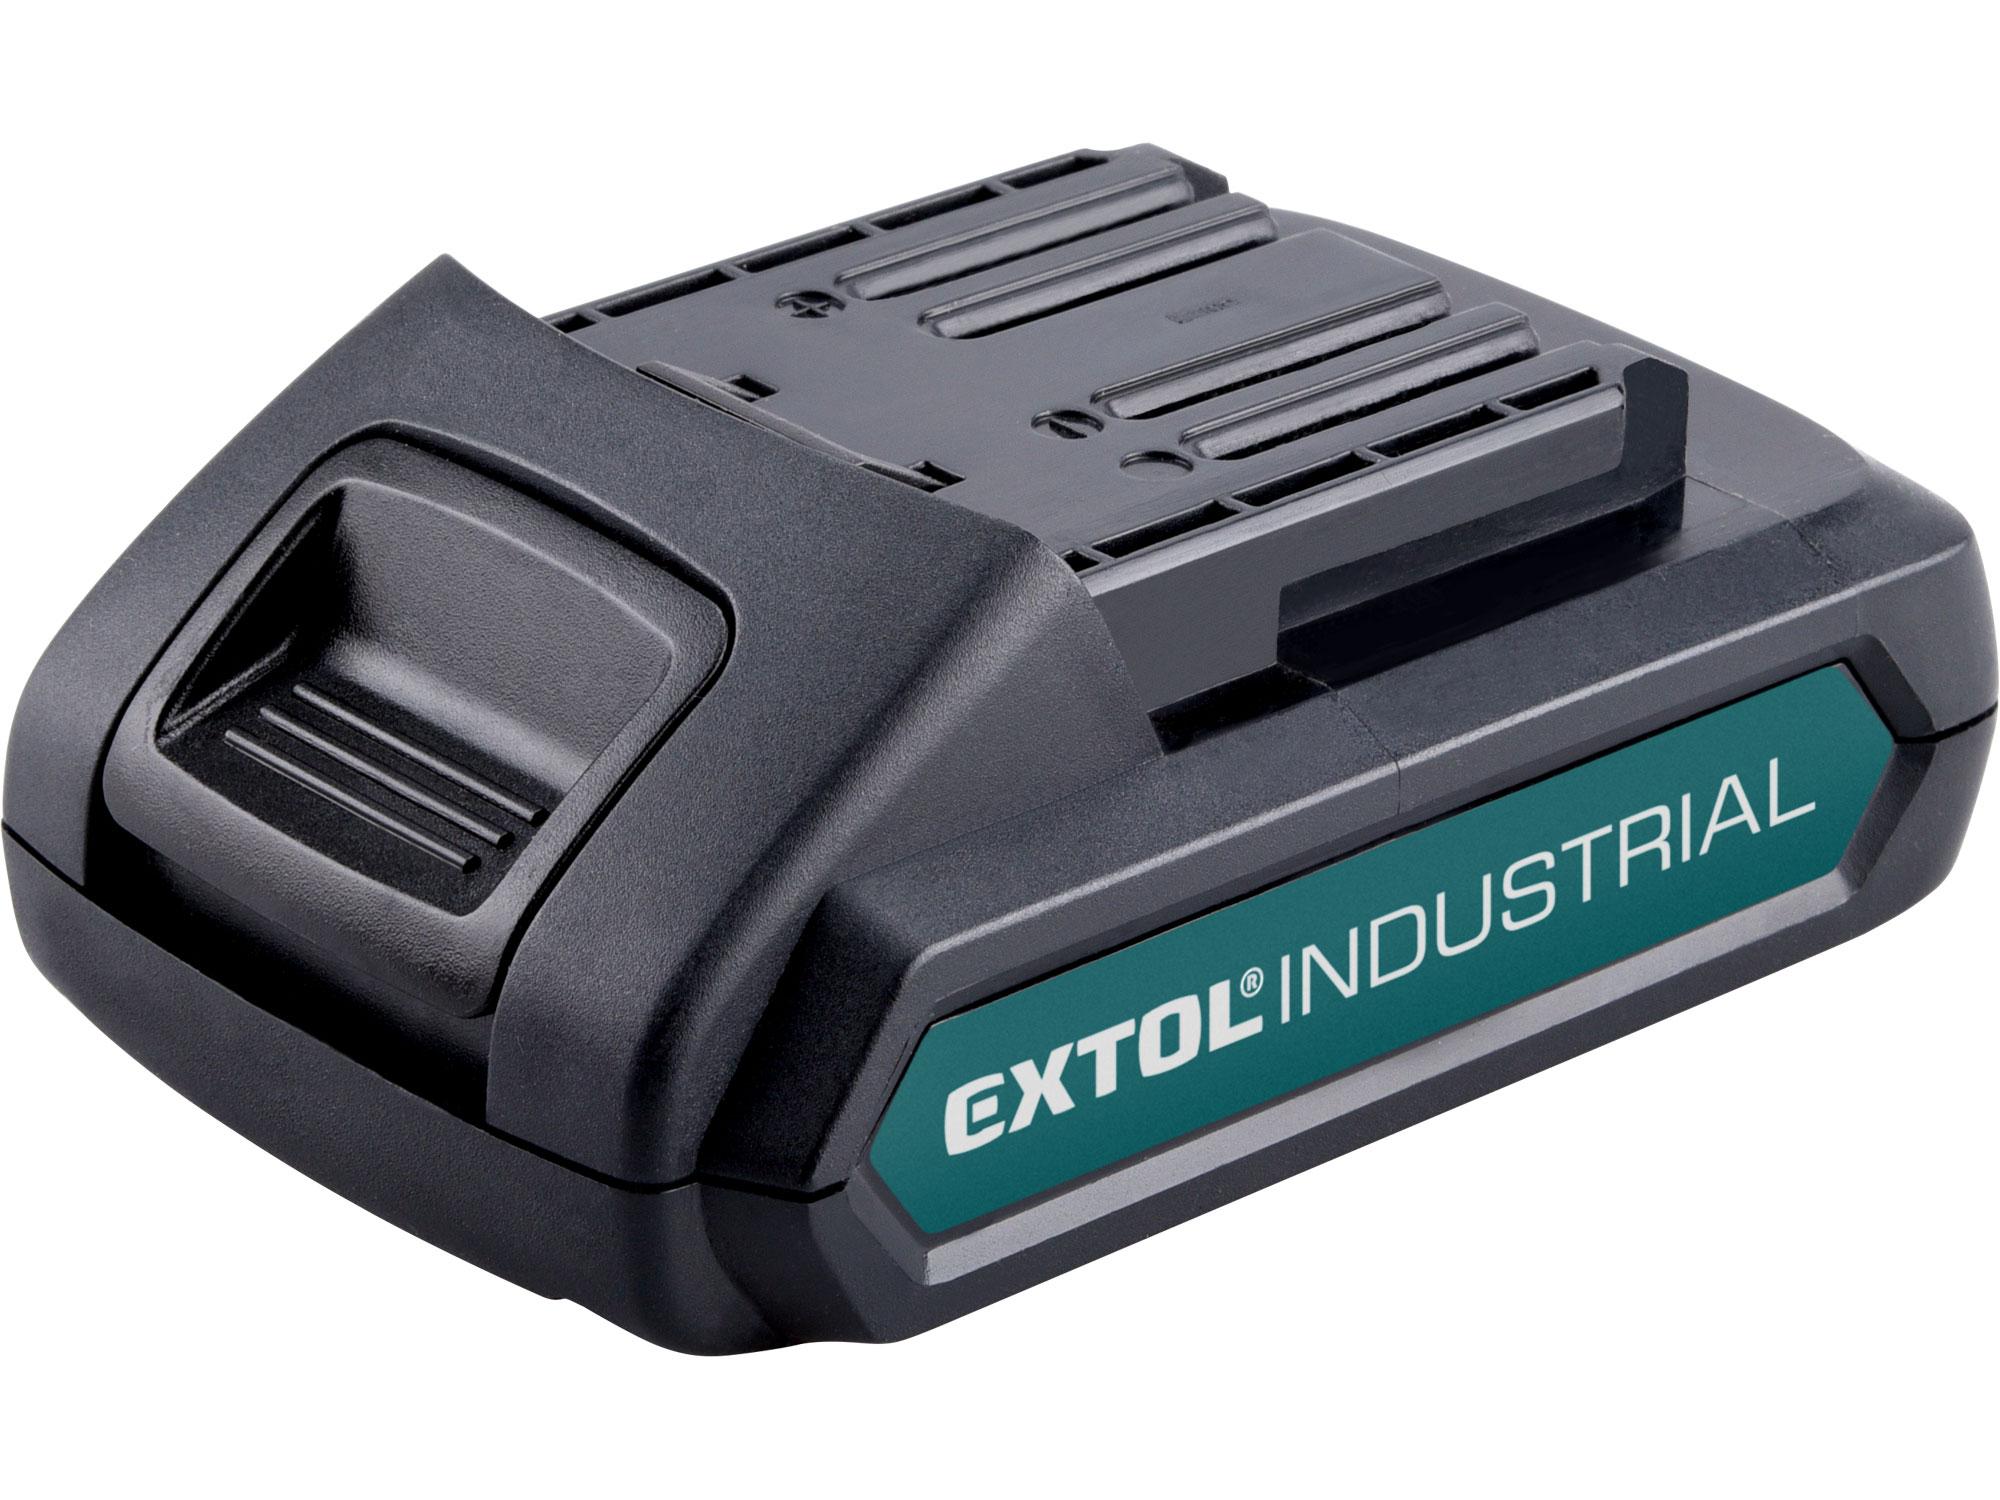 18V Li-ion Rechargeable Battery 2.0AH, 2000 mAh